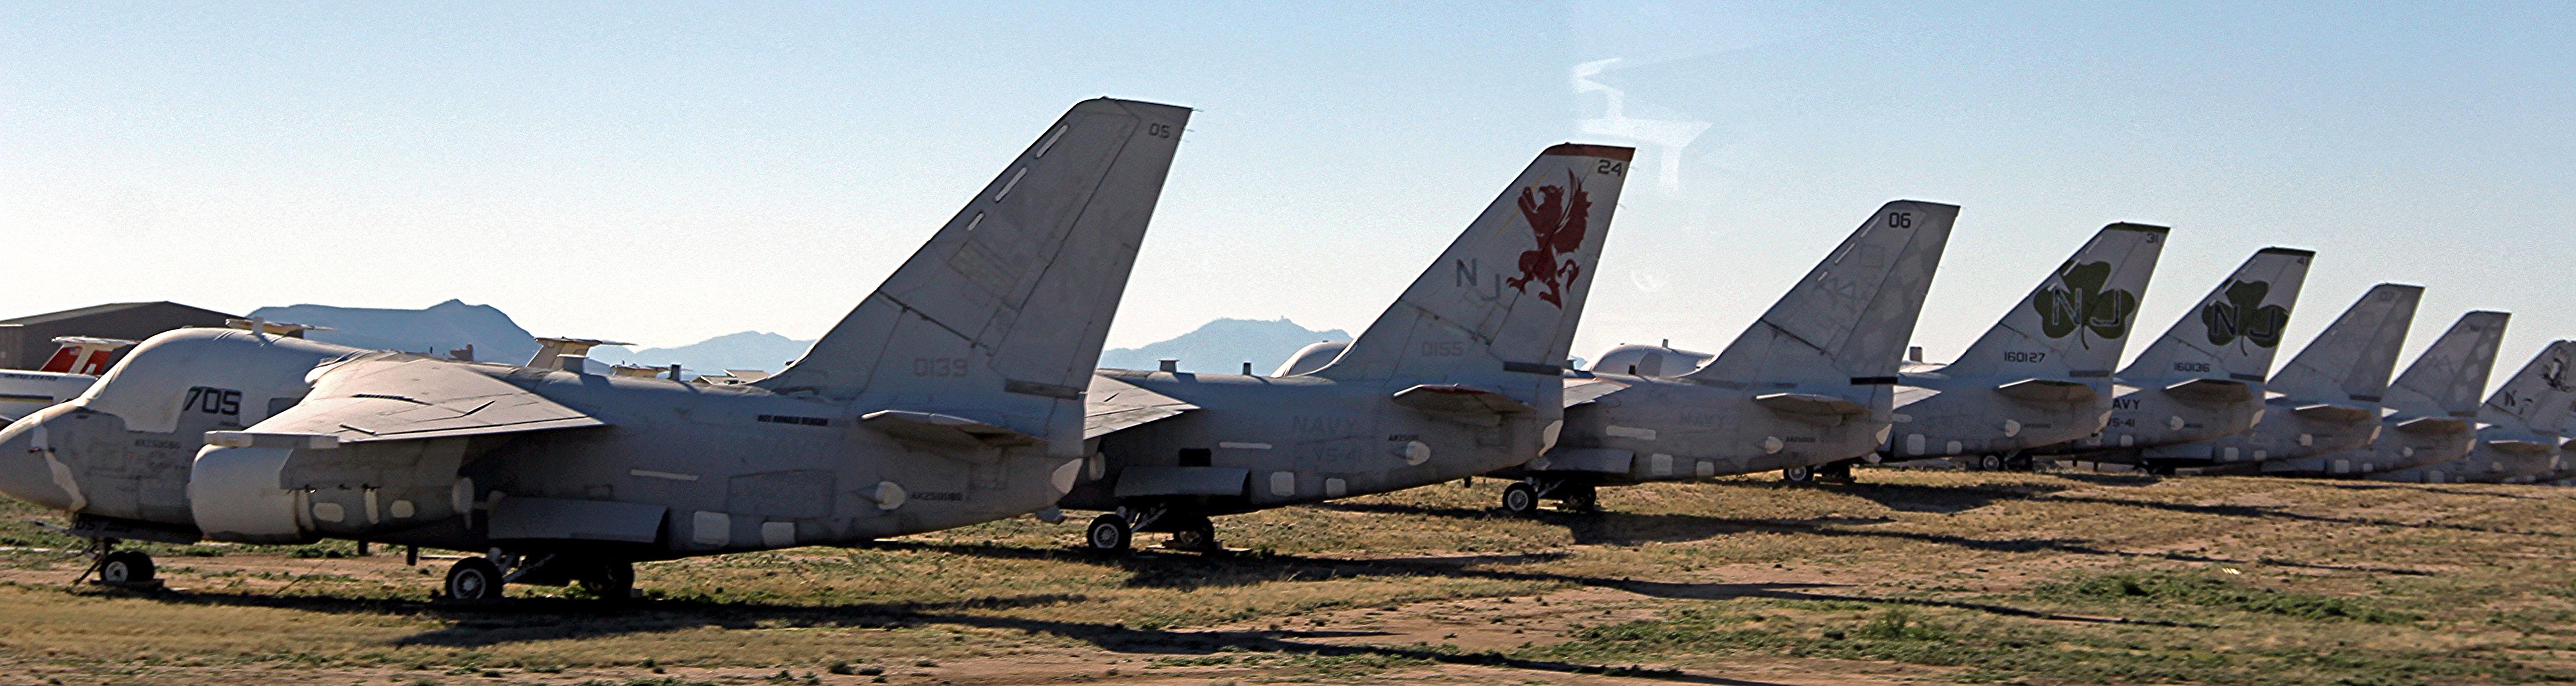 """File:U.S. Air Force 309th AMARG """"Boneyard"""", Tucson, AZ (15703990644).jpg -  Wikimedia Commons"""